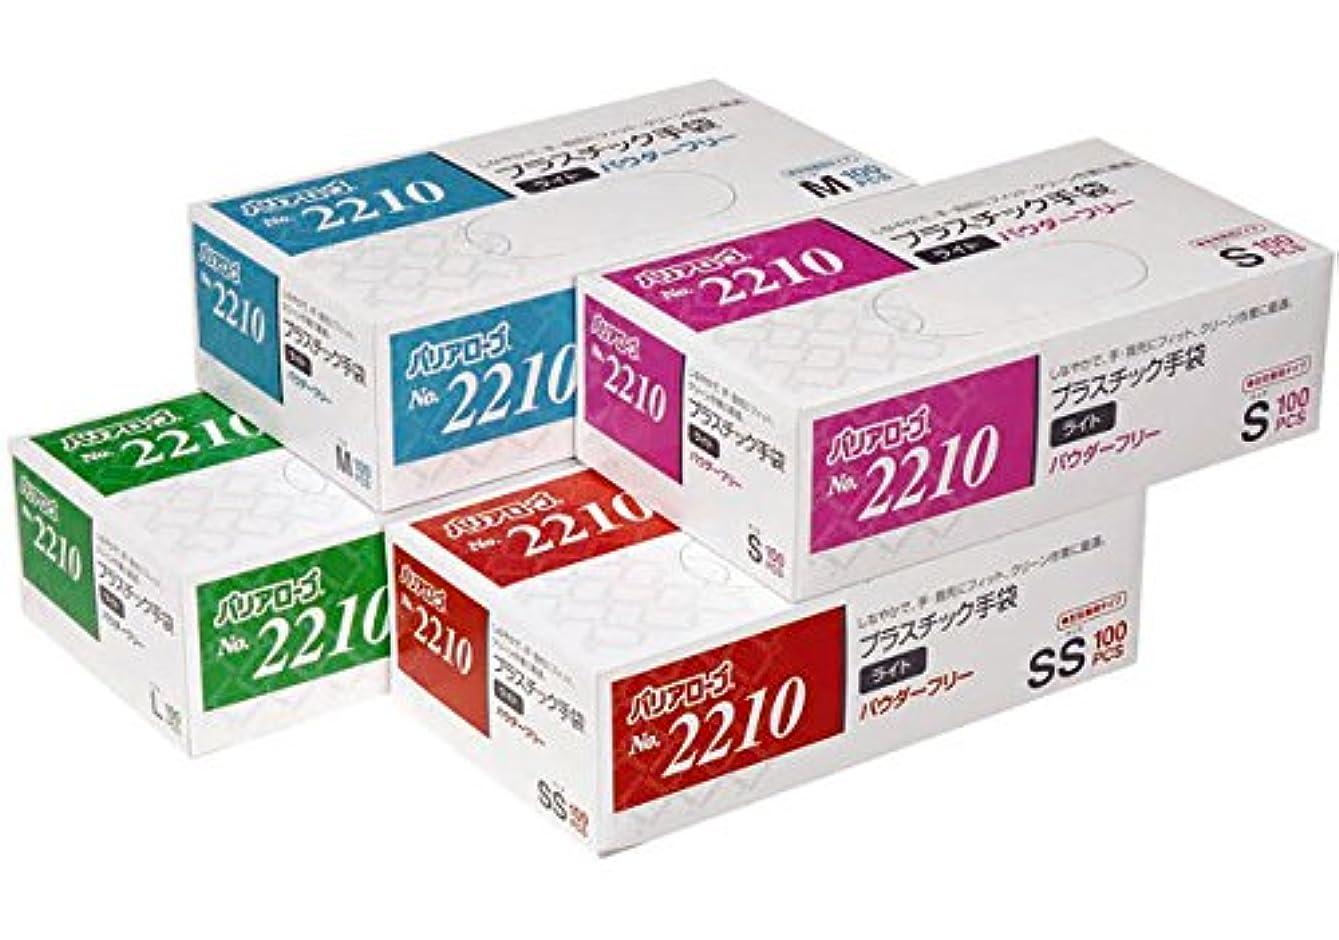 巧みな切り刻む行リーブル バリアローブ No.2210 プラスチック手袋ライトPF Mサイズ(100枚入×20箱) 1ケース